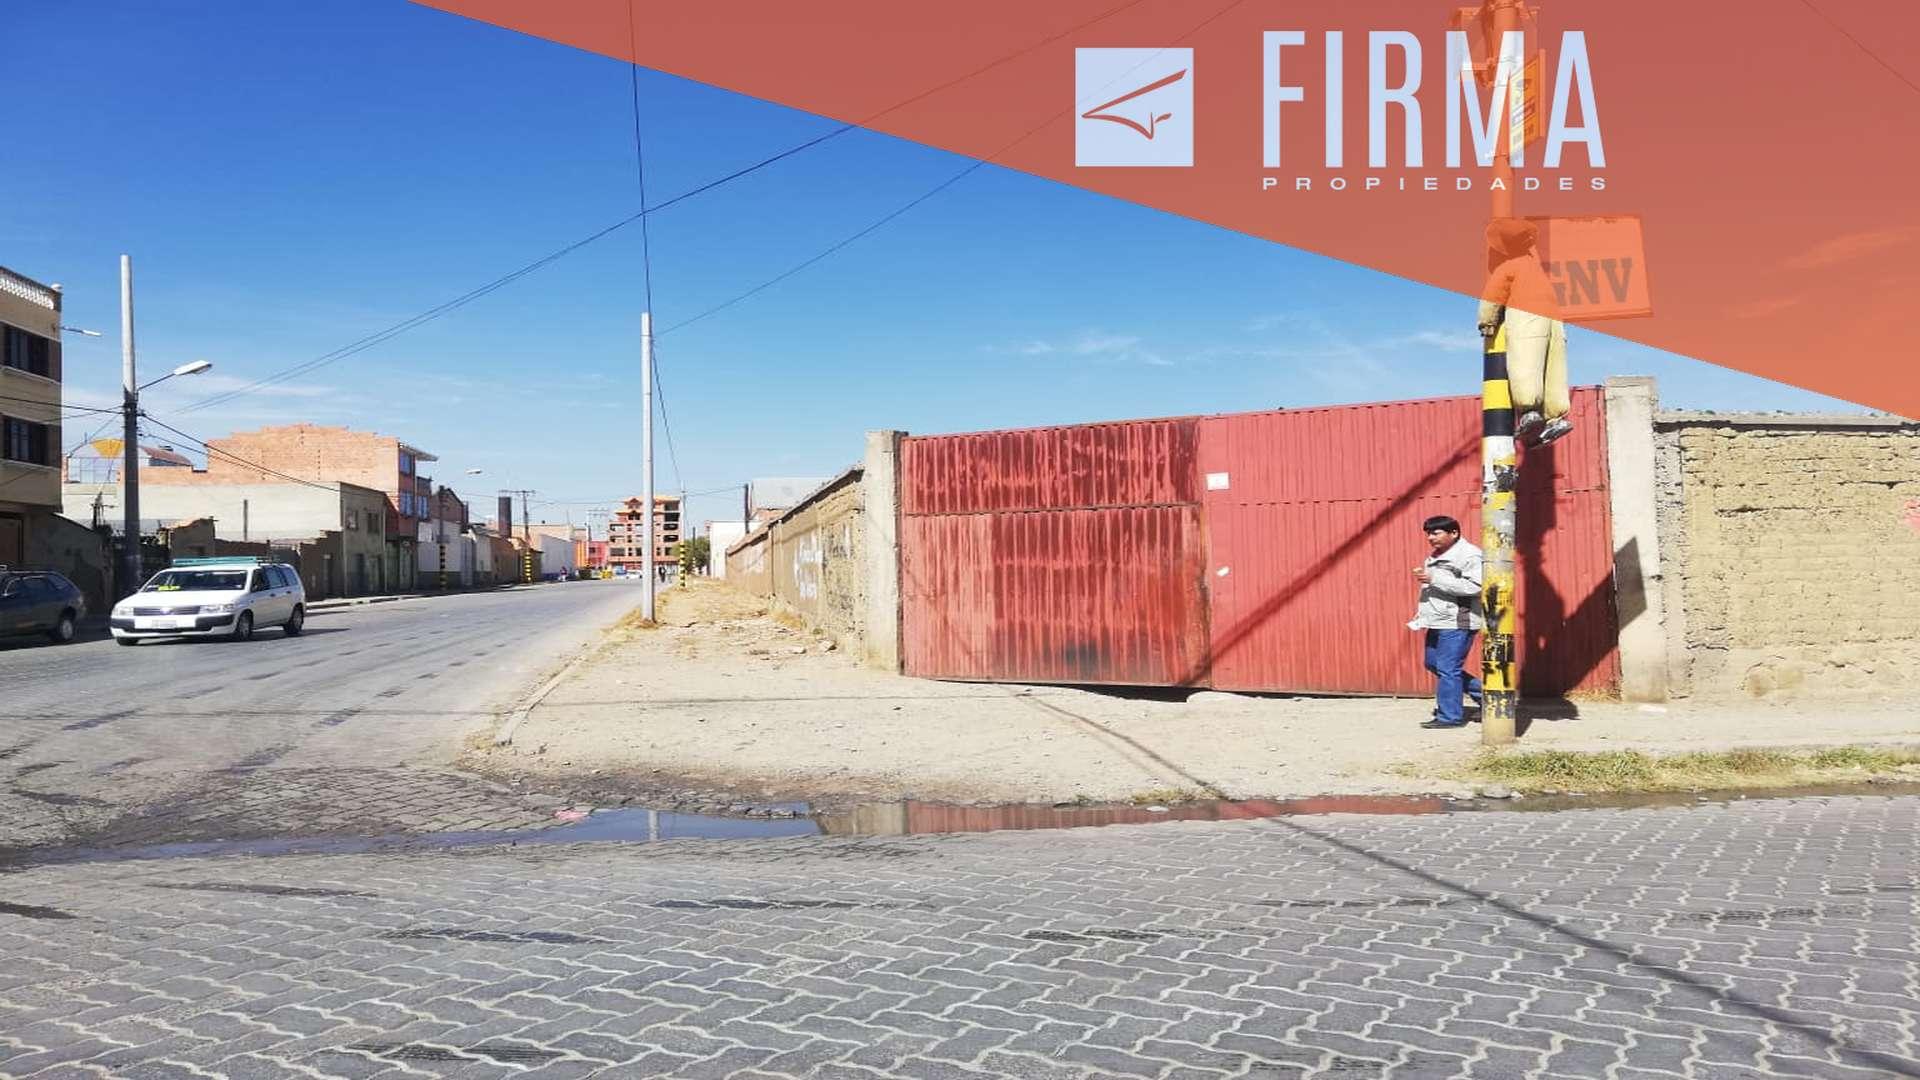 Terreno en Venta FTV36593 – COMPRA TU TERRENO EN EL ALTO Foto 4